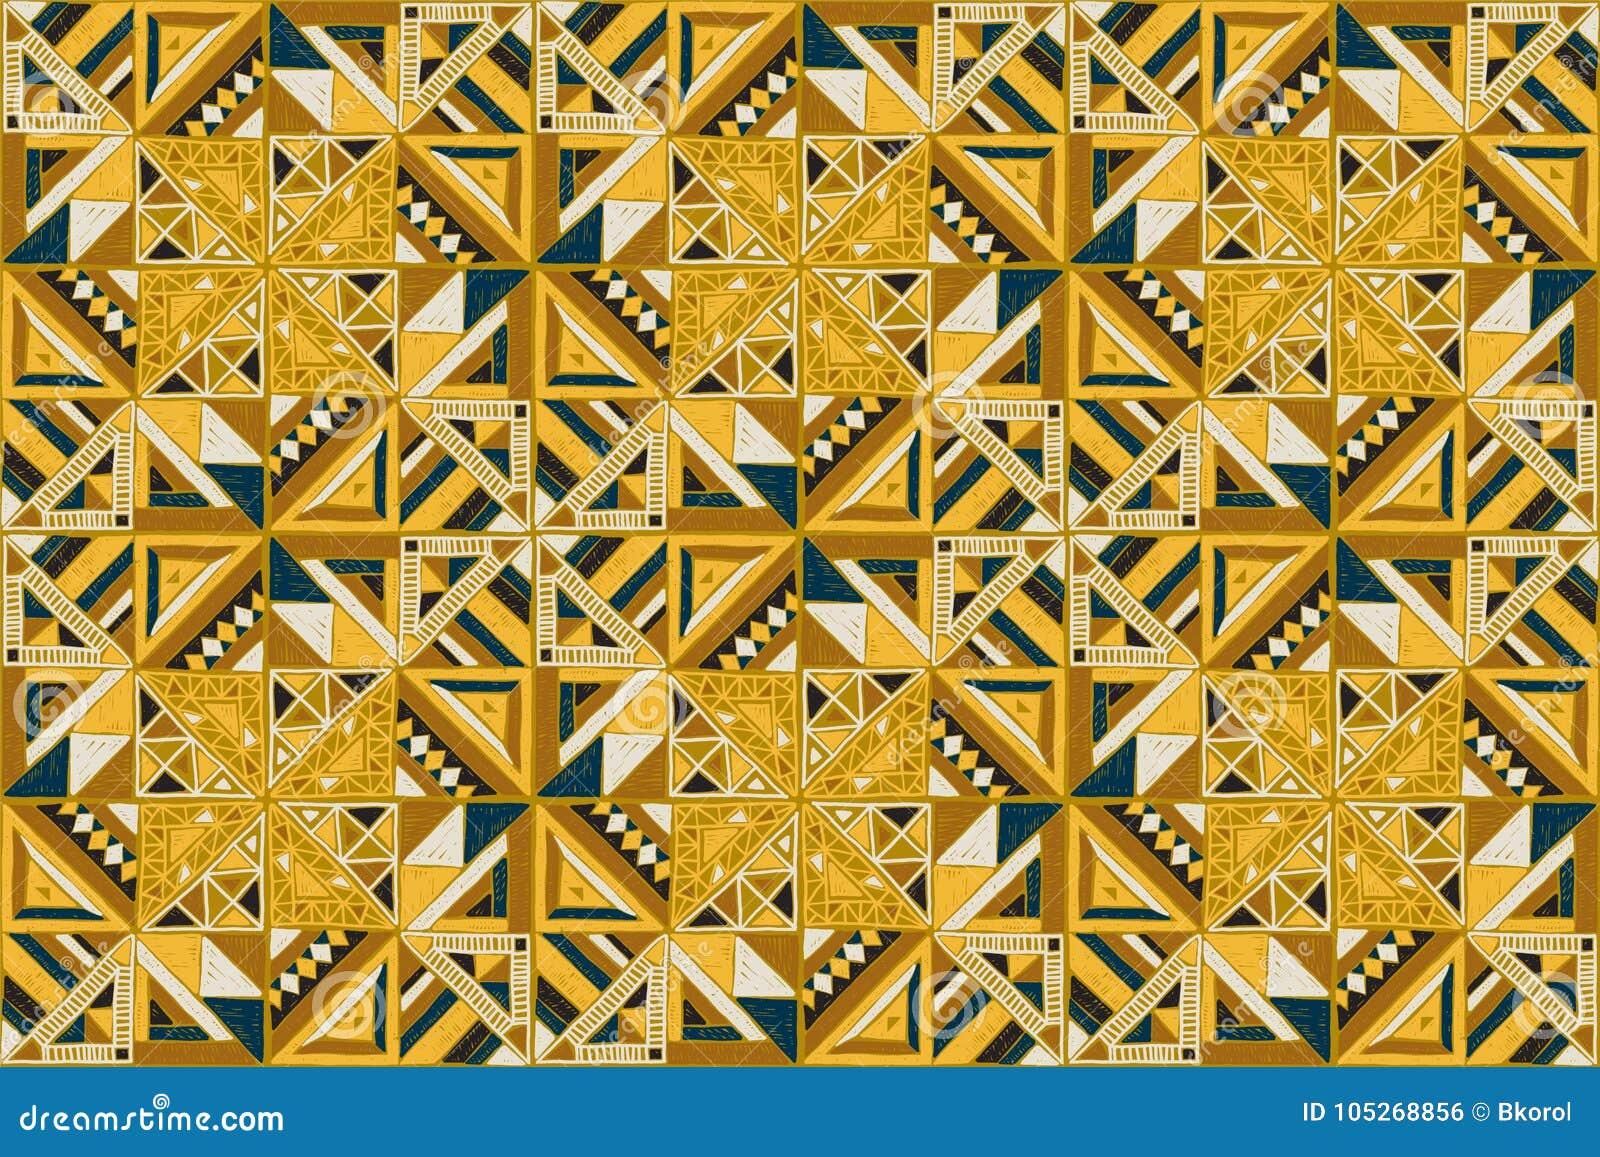 Ornamento tribale di vettore Reticolo africano senza giunte Progettazione etnica sul tappeto Stile azteco